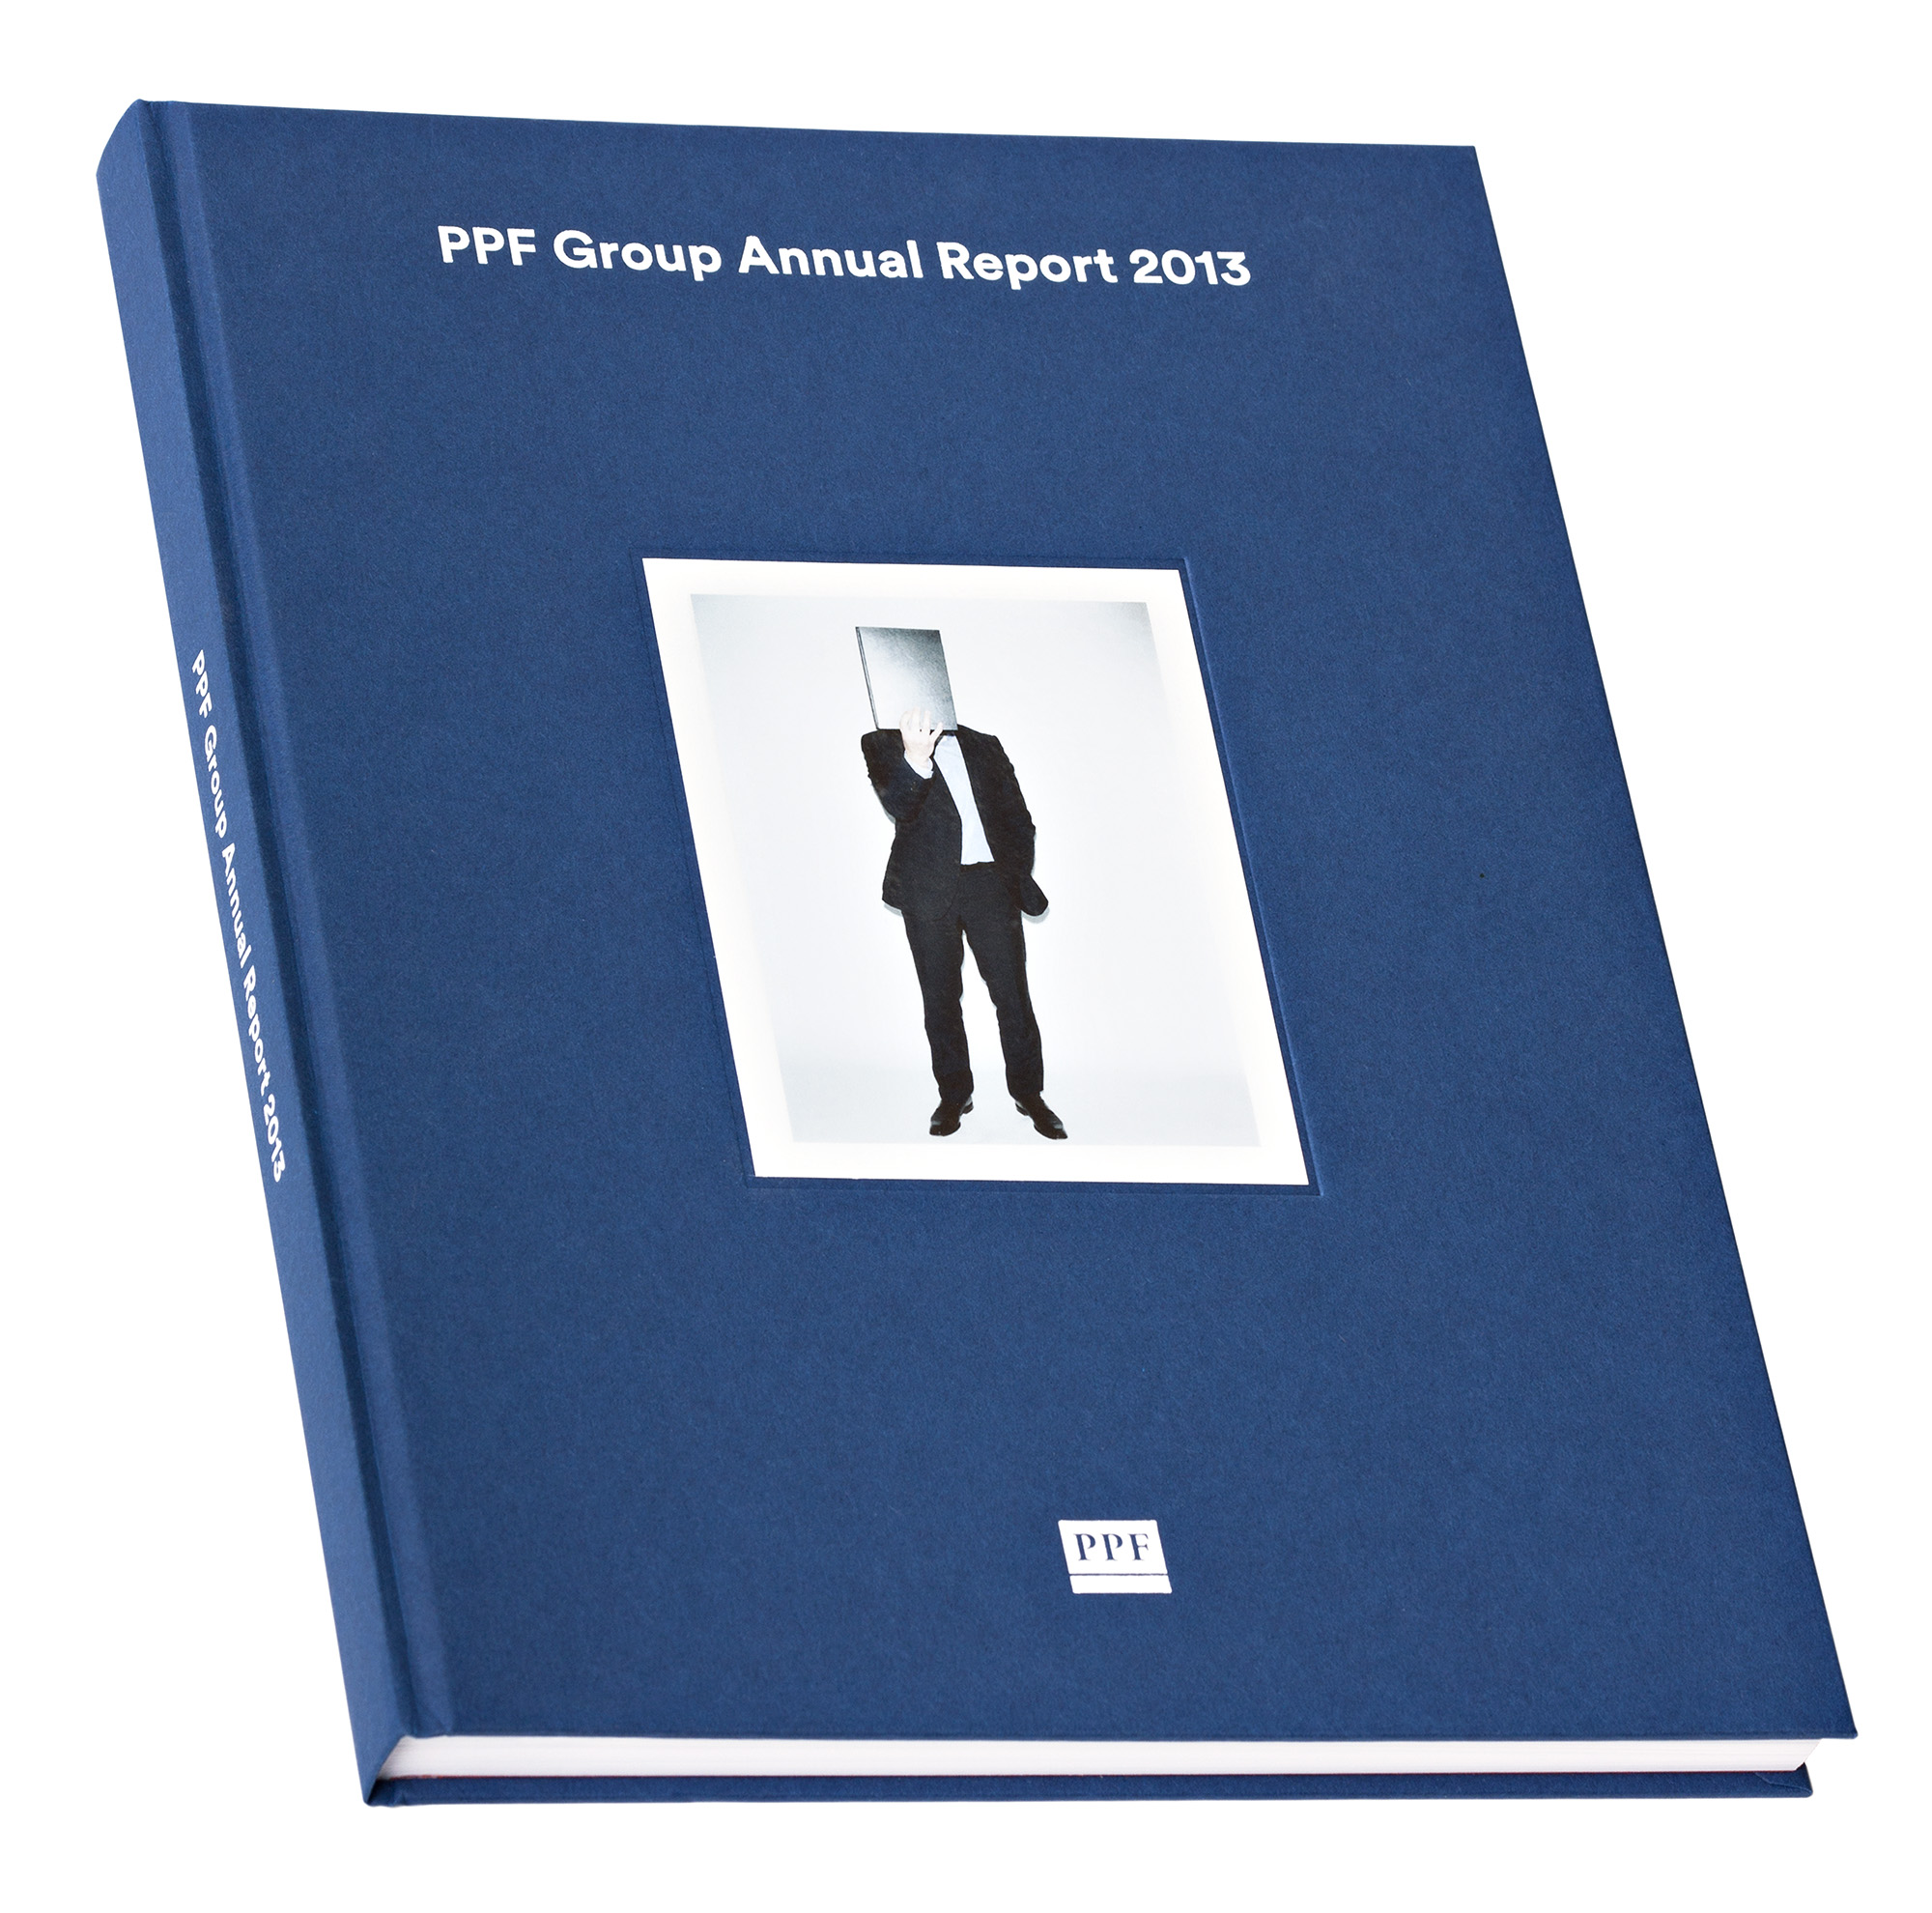 PPF Annual Report 2013